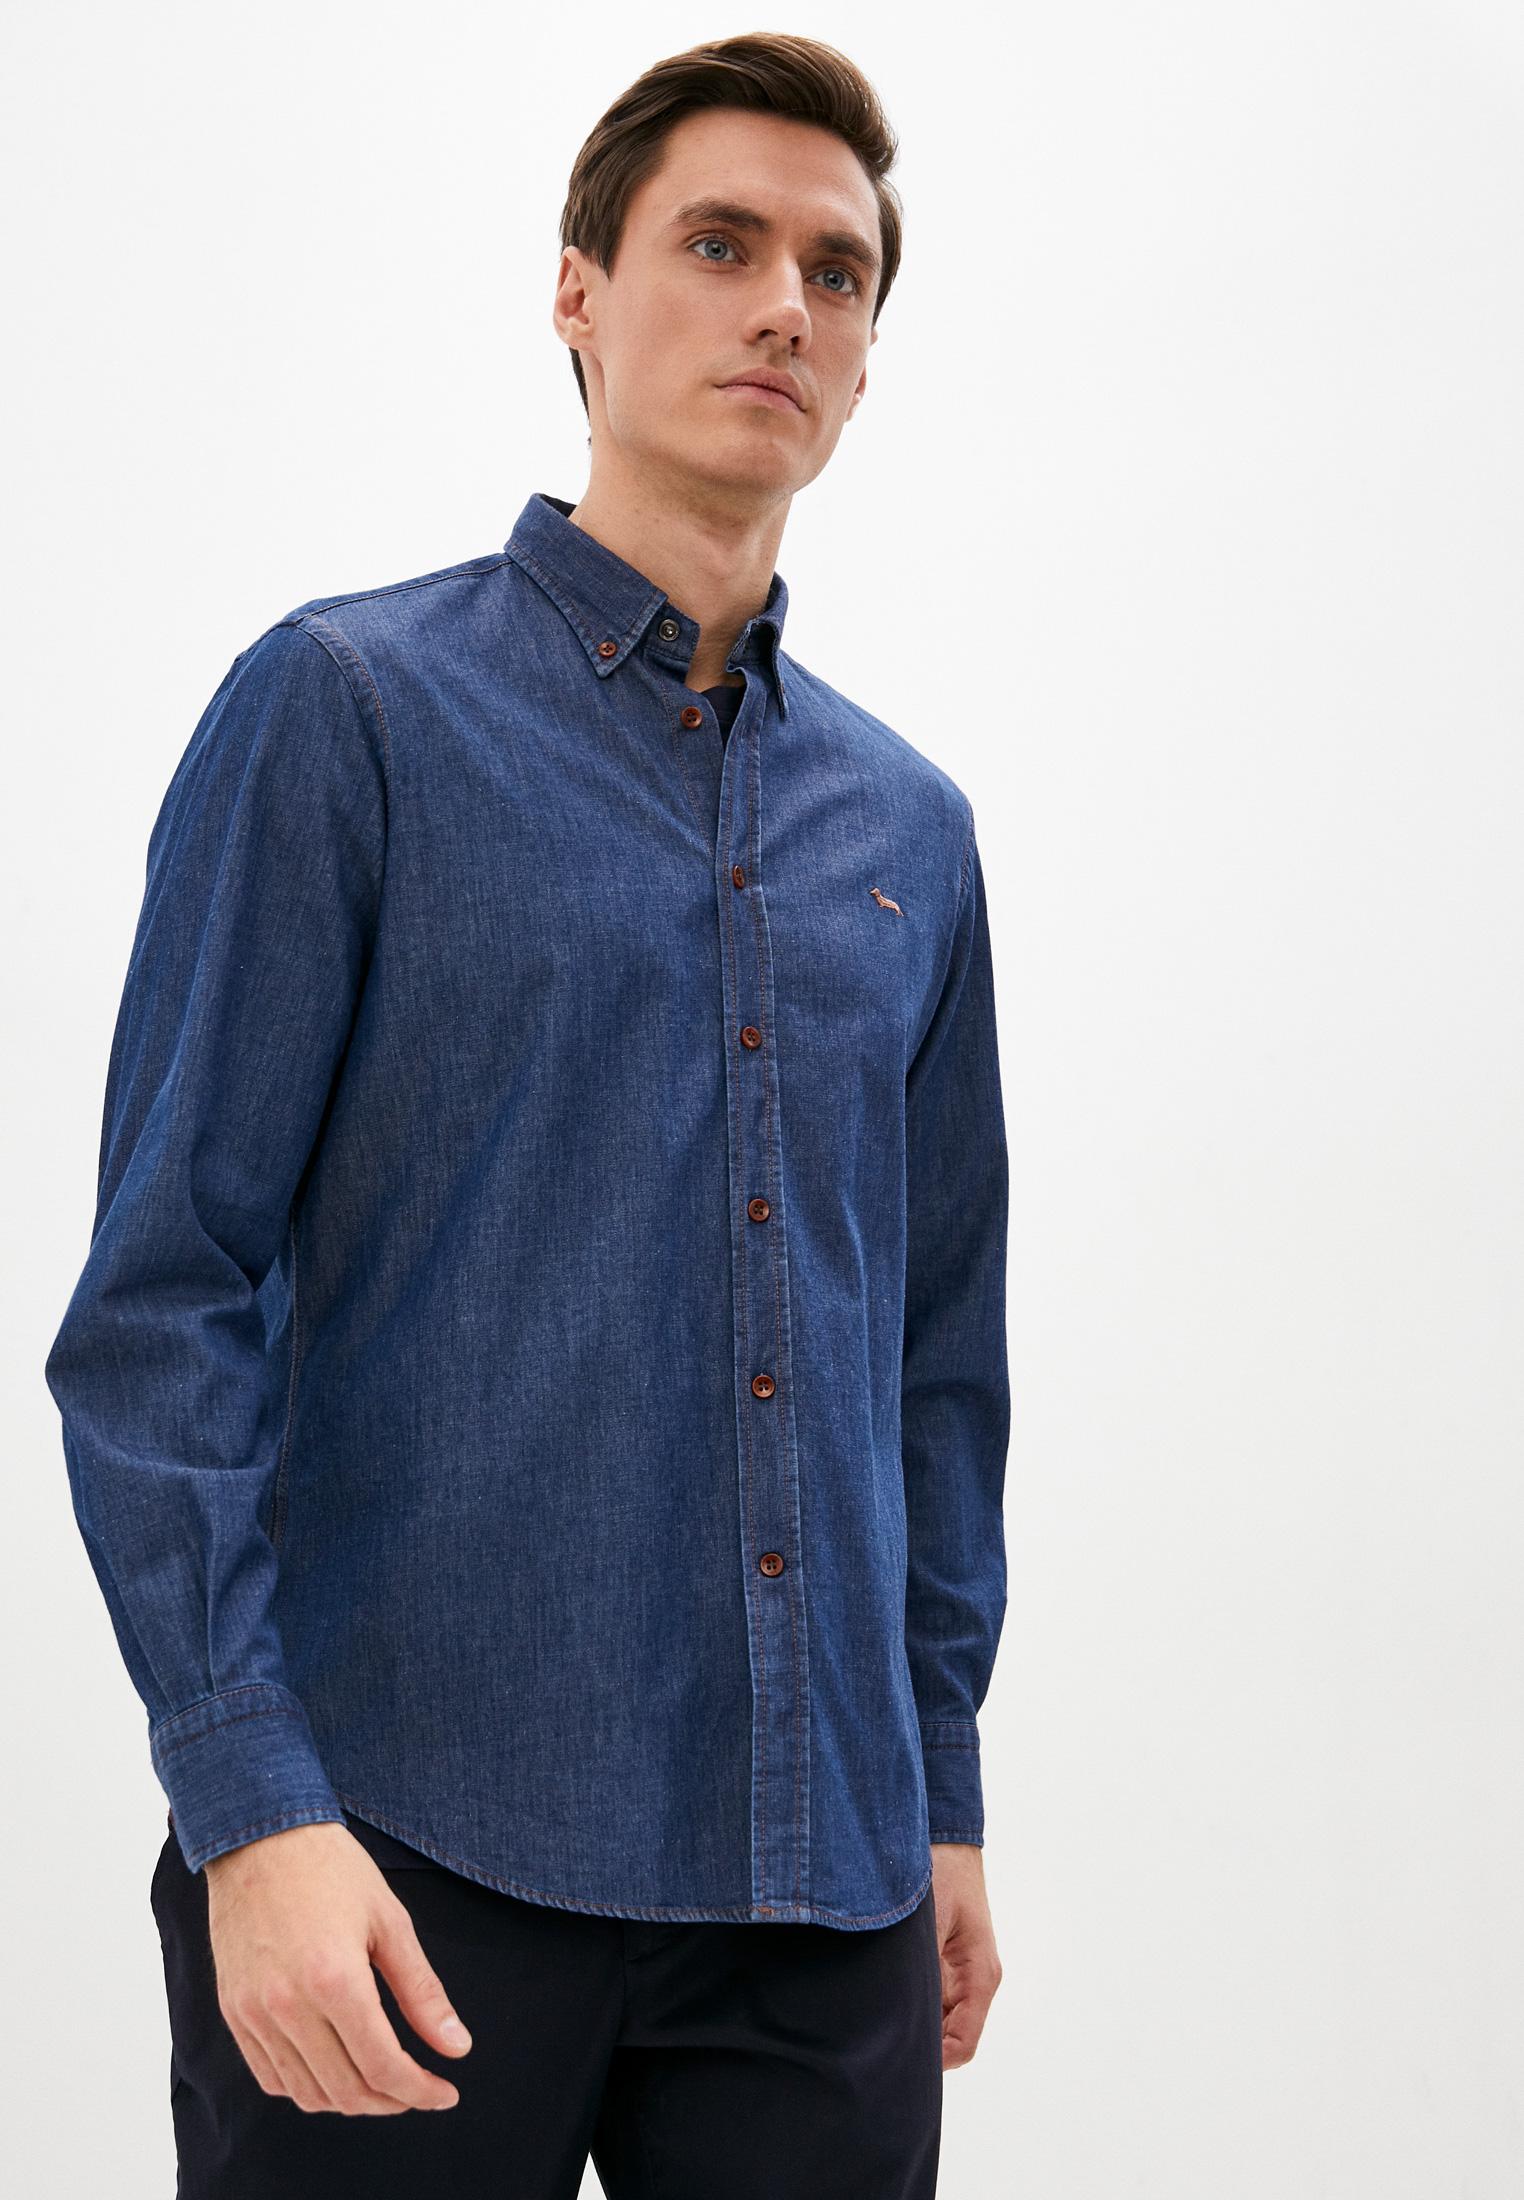 Рубашка Harmont&Blaine Рубашка джинсовая Harmont & Blaine